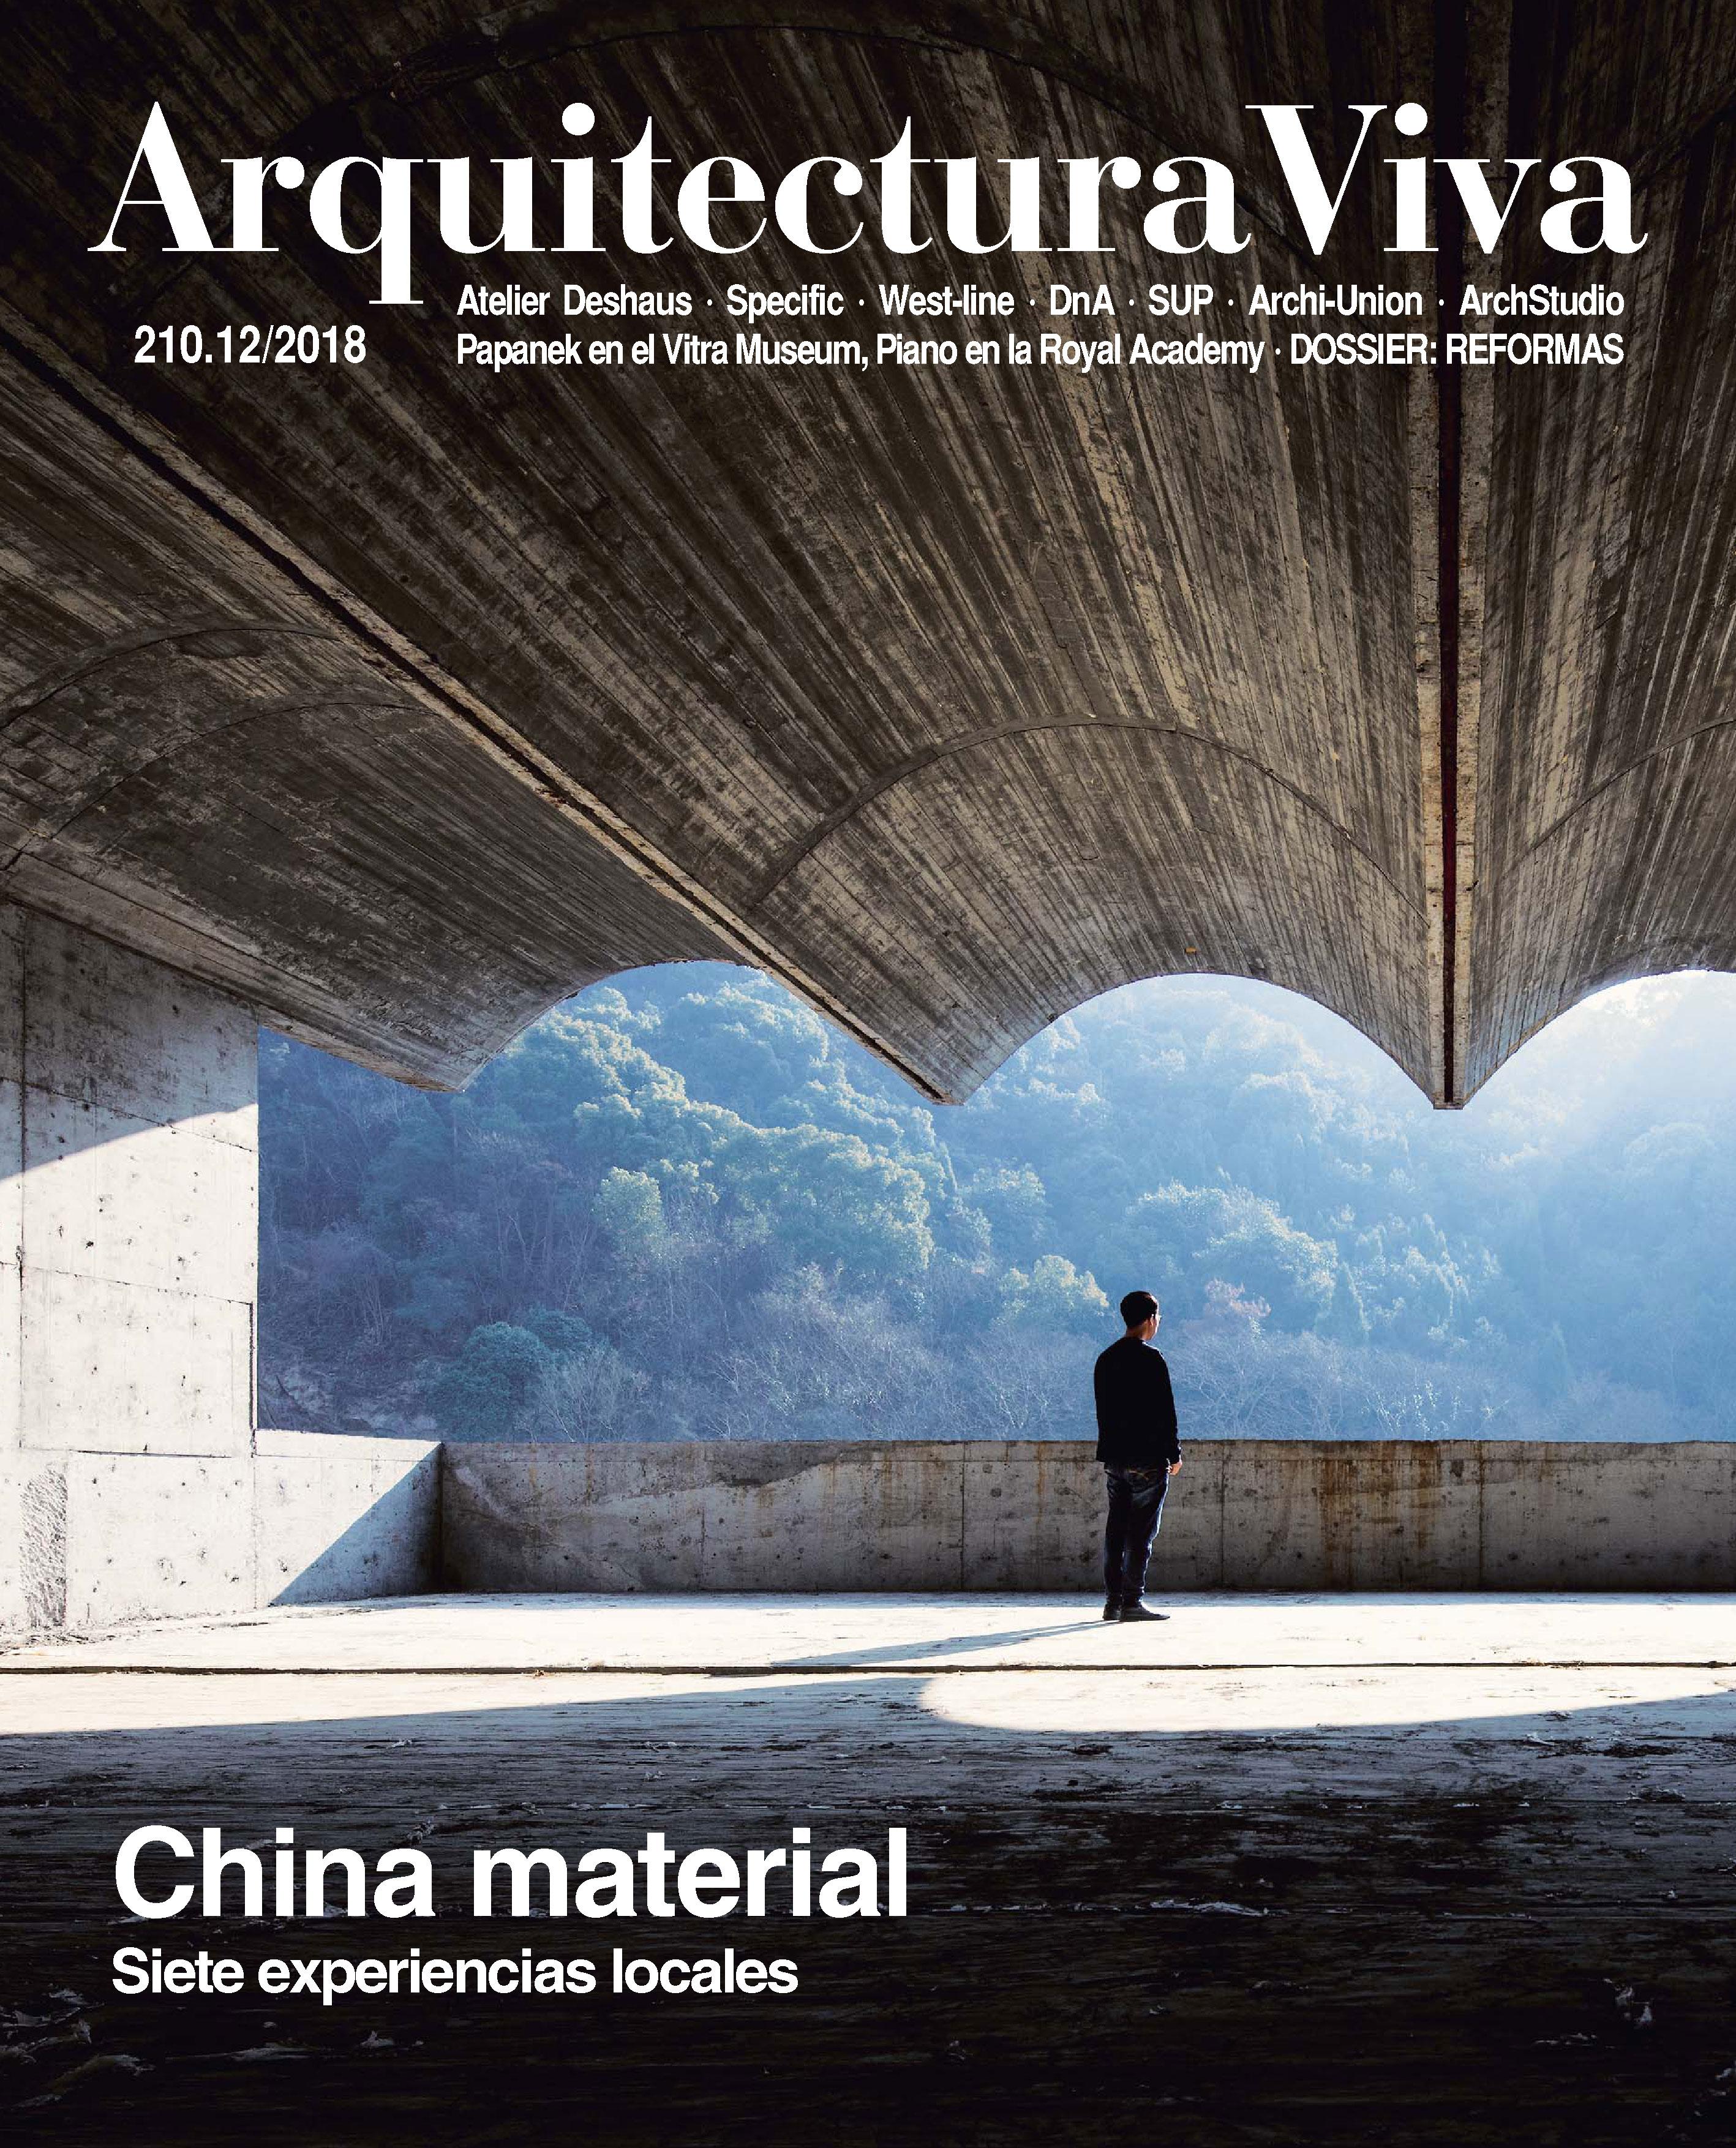 China material